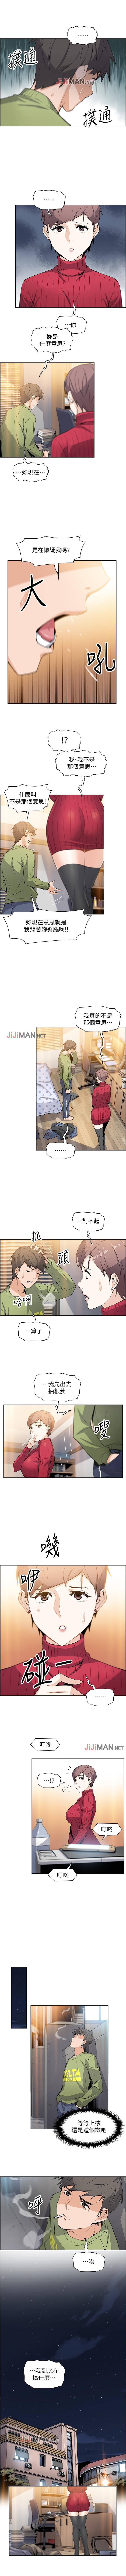 【周四连载】前女友变女佣(作者:PAPER&頸枕) 第1~33话 39